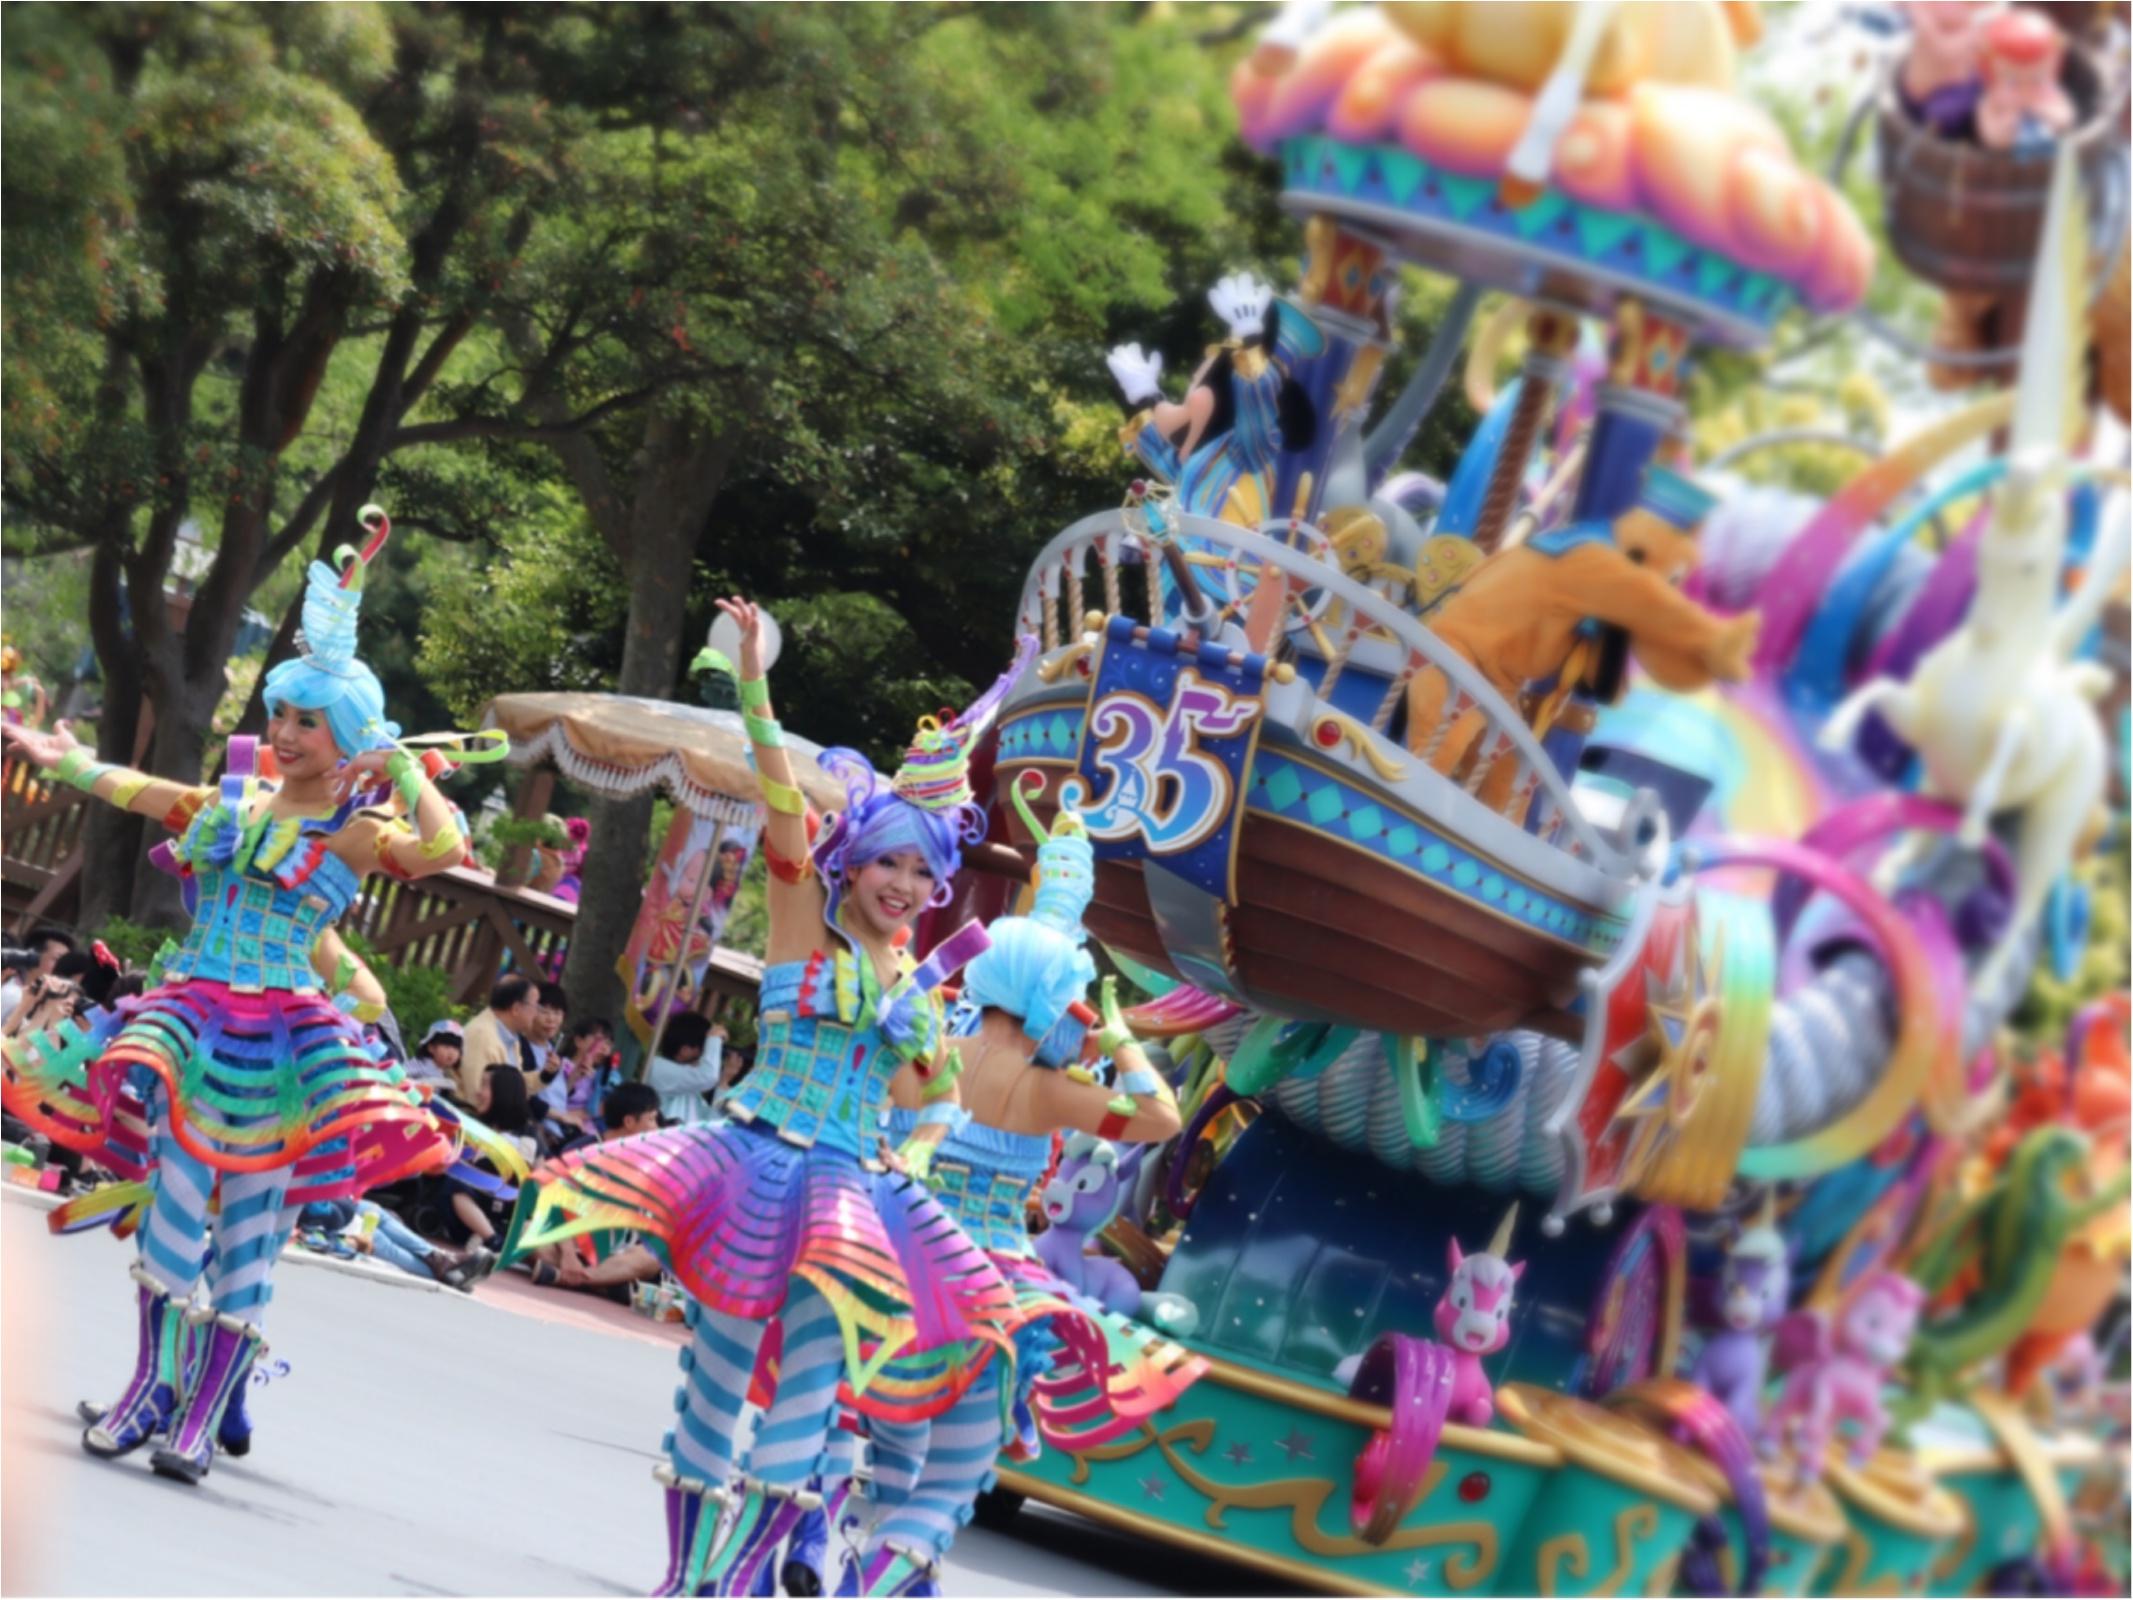 ▷【東京ディズニーランド35周年】Newパレード「ドリーミング・アップ!」がとにかく凄い!!_4